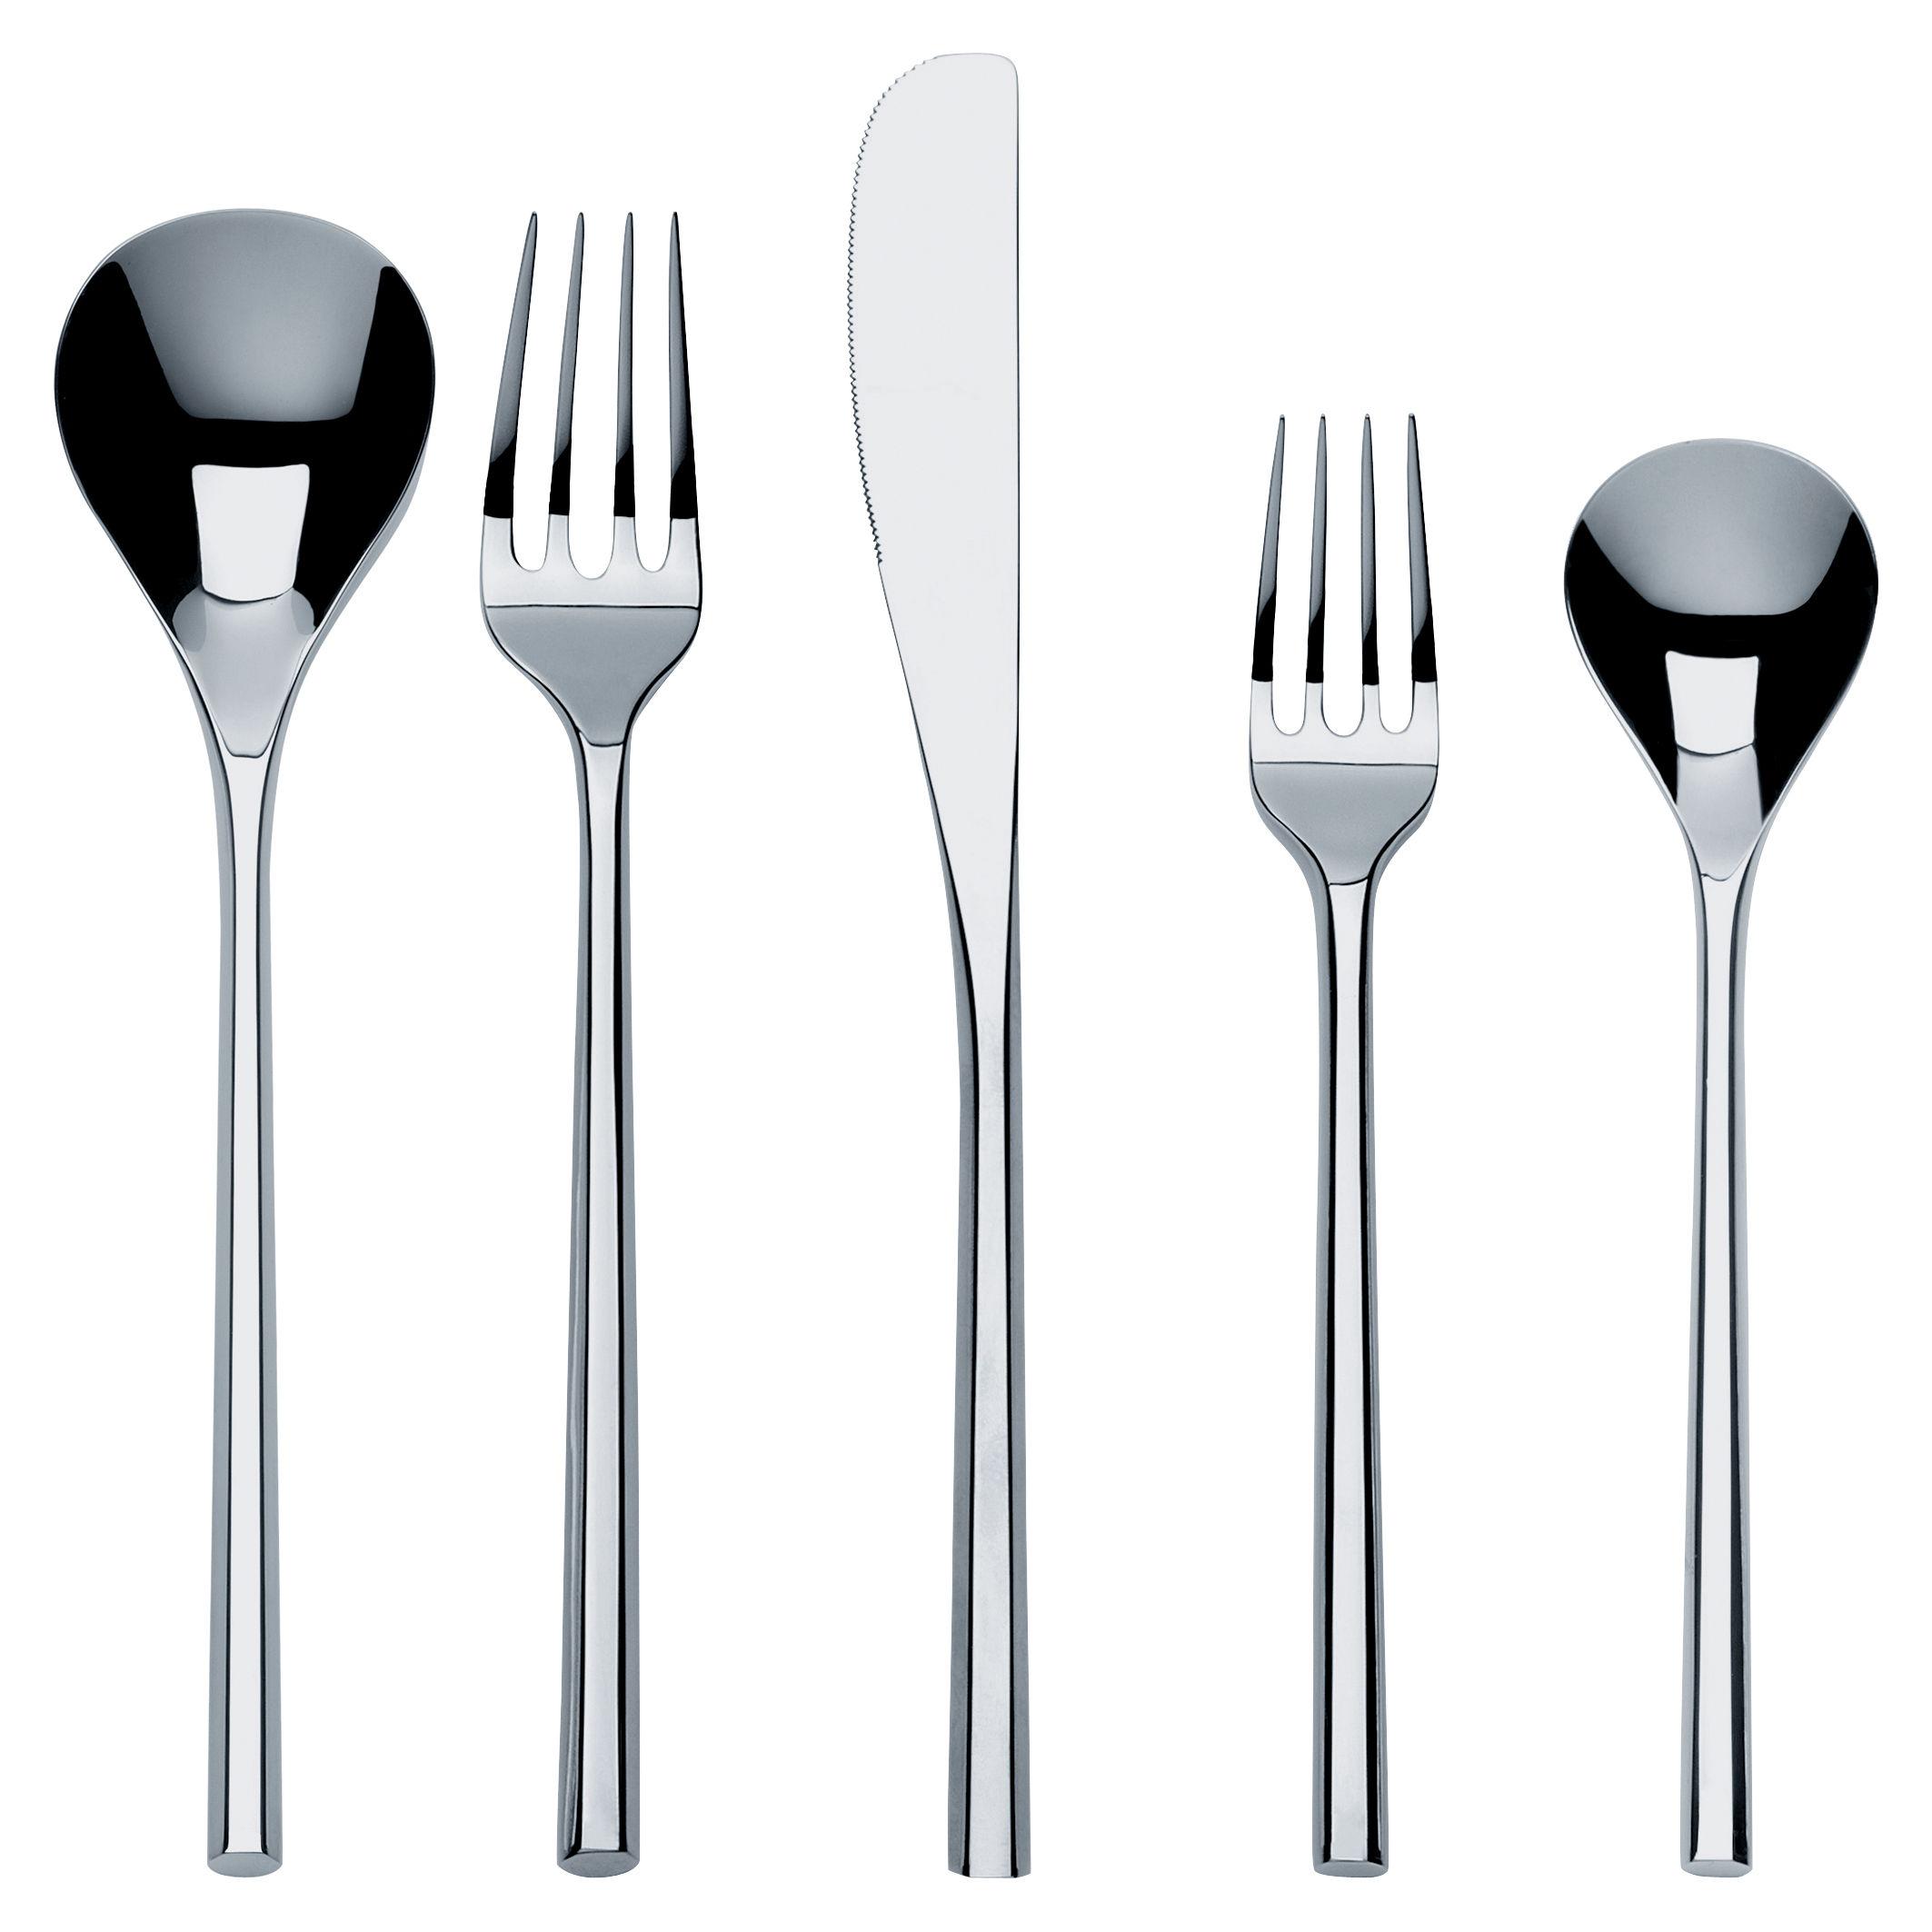 Tischkultur - Bestecke - Mu Besteck Set / 5-teiliges Besteckservice - Alessi - Set für 1 Person / Stahl - Acier inoxydable 18/10